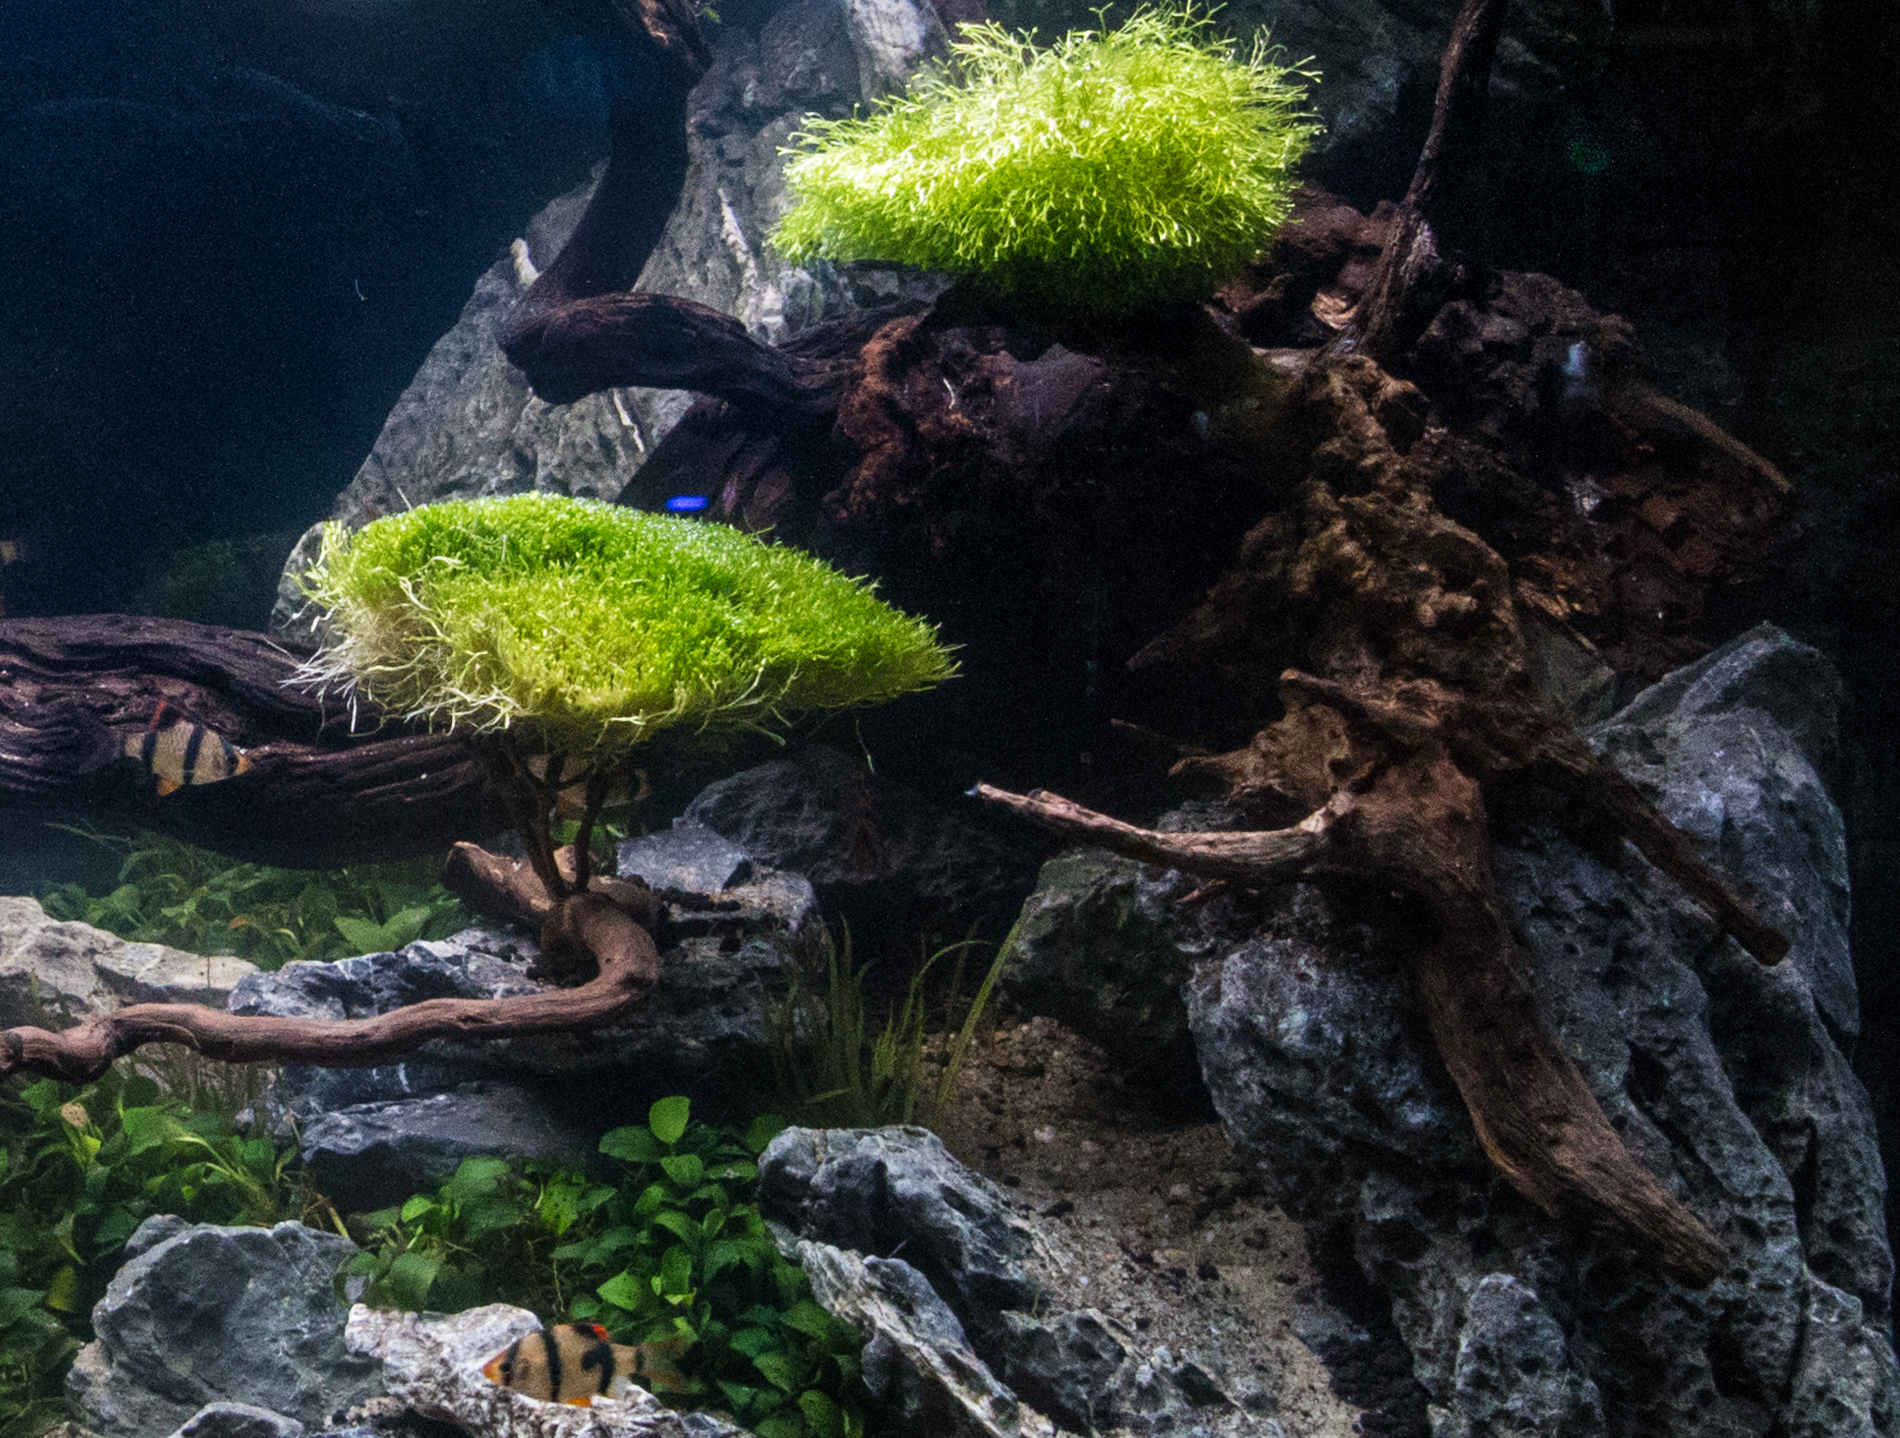 2018 10 20 Aquatic Experience (395 of 617).jpg